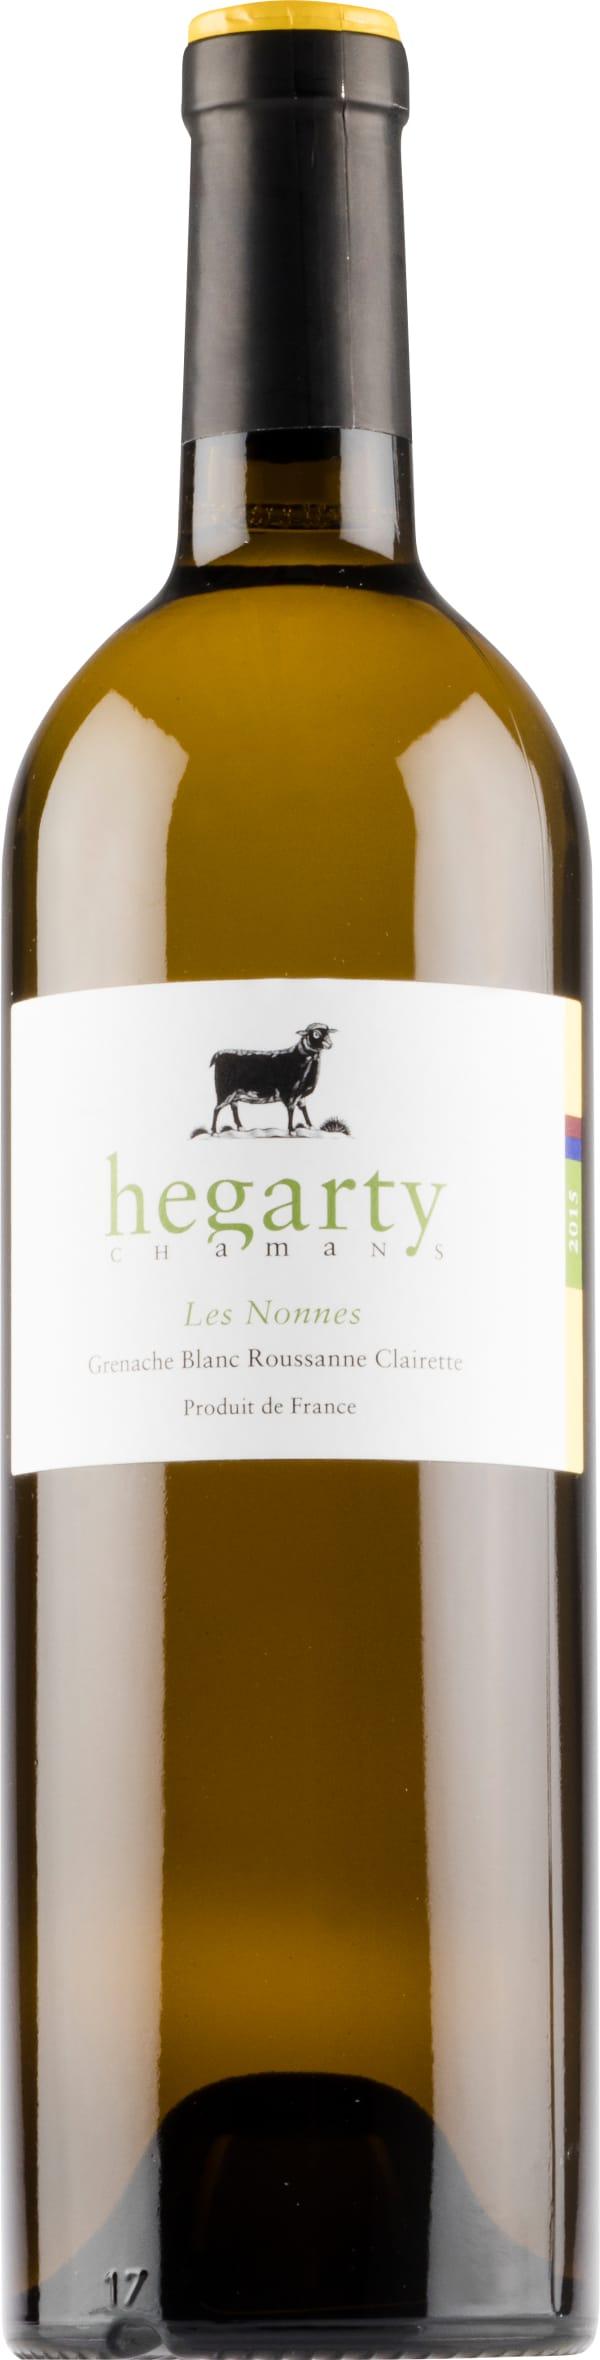 Hegarty Chamans Les Nonnes 2016